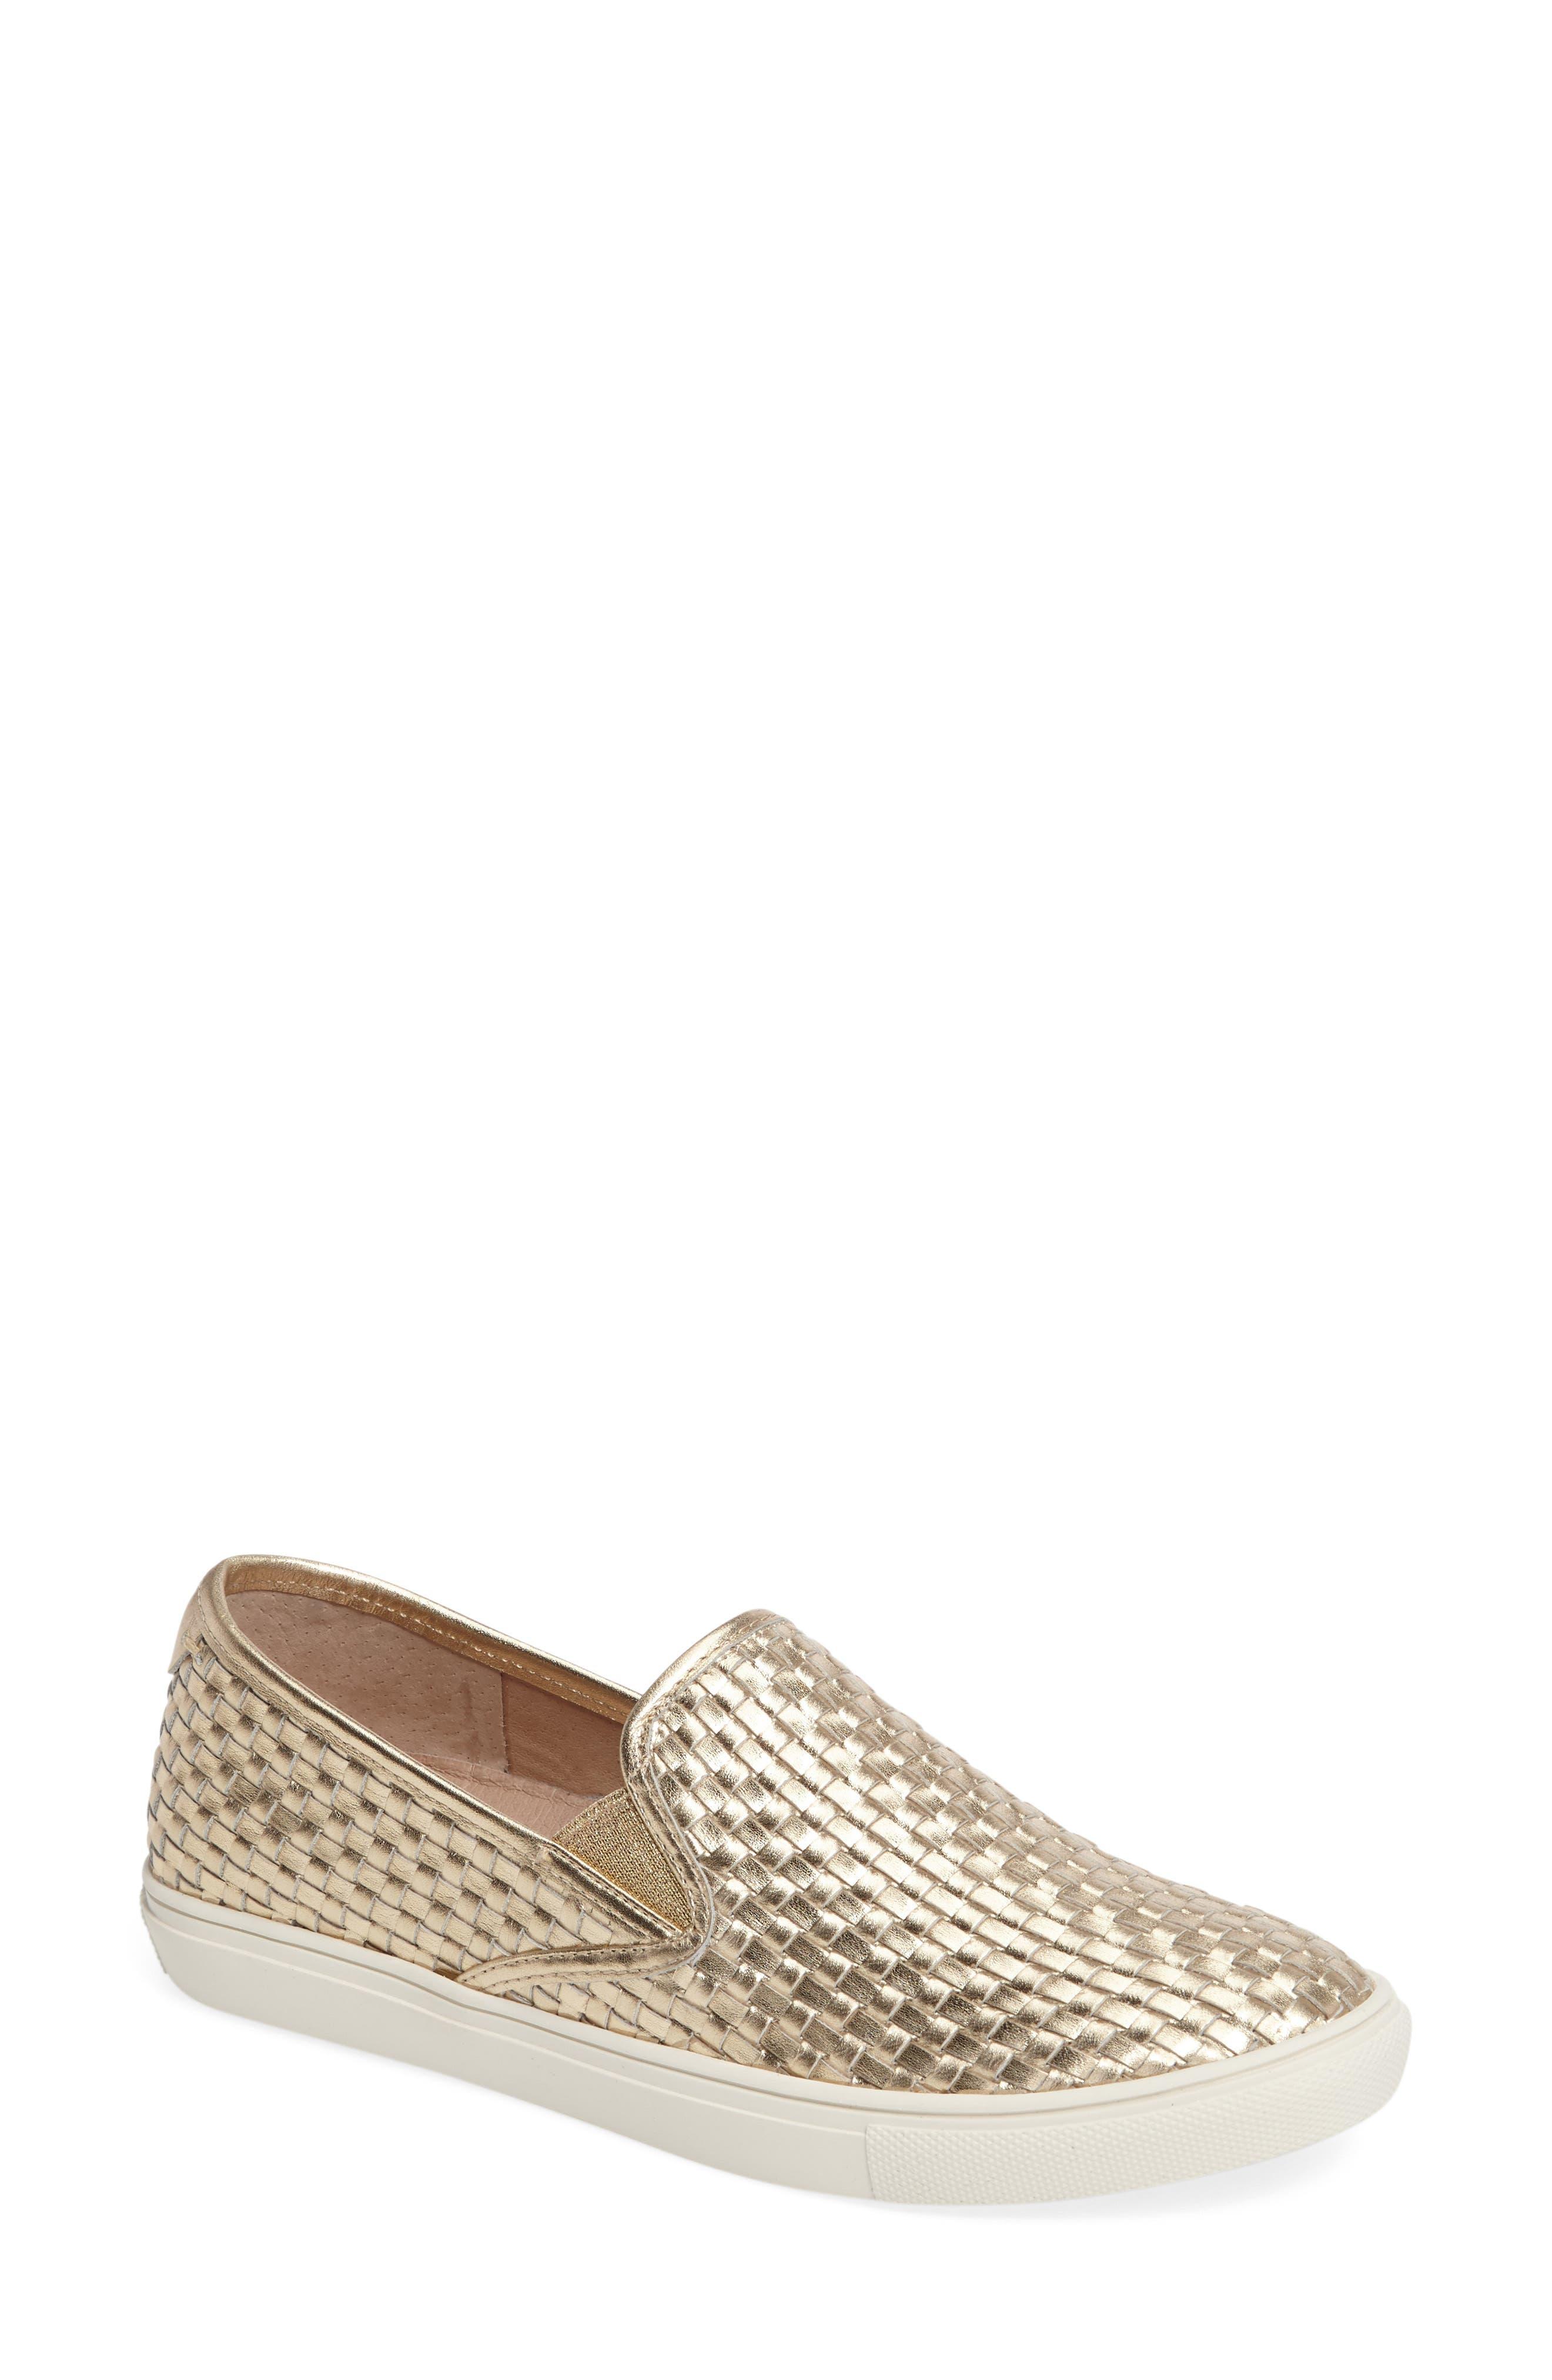 J/Slides   Calina Slip-On Sneaker